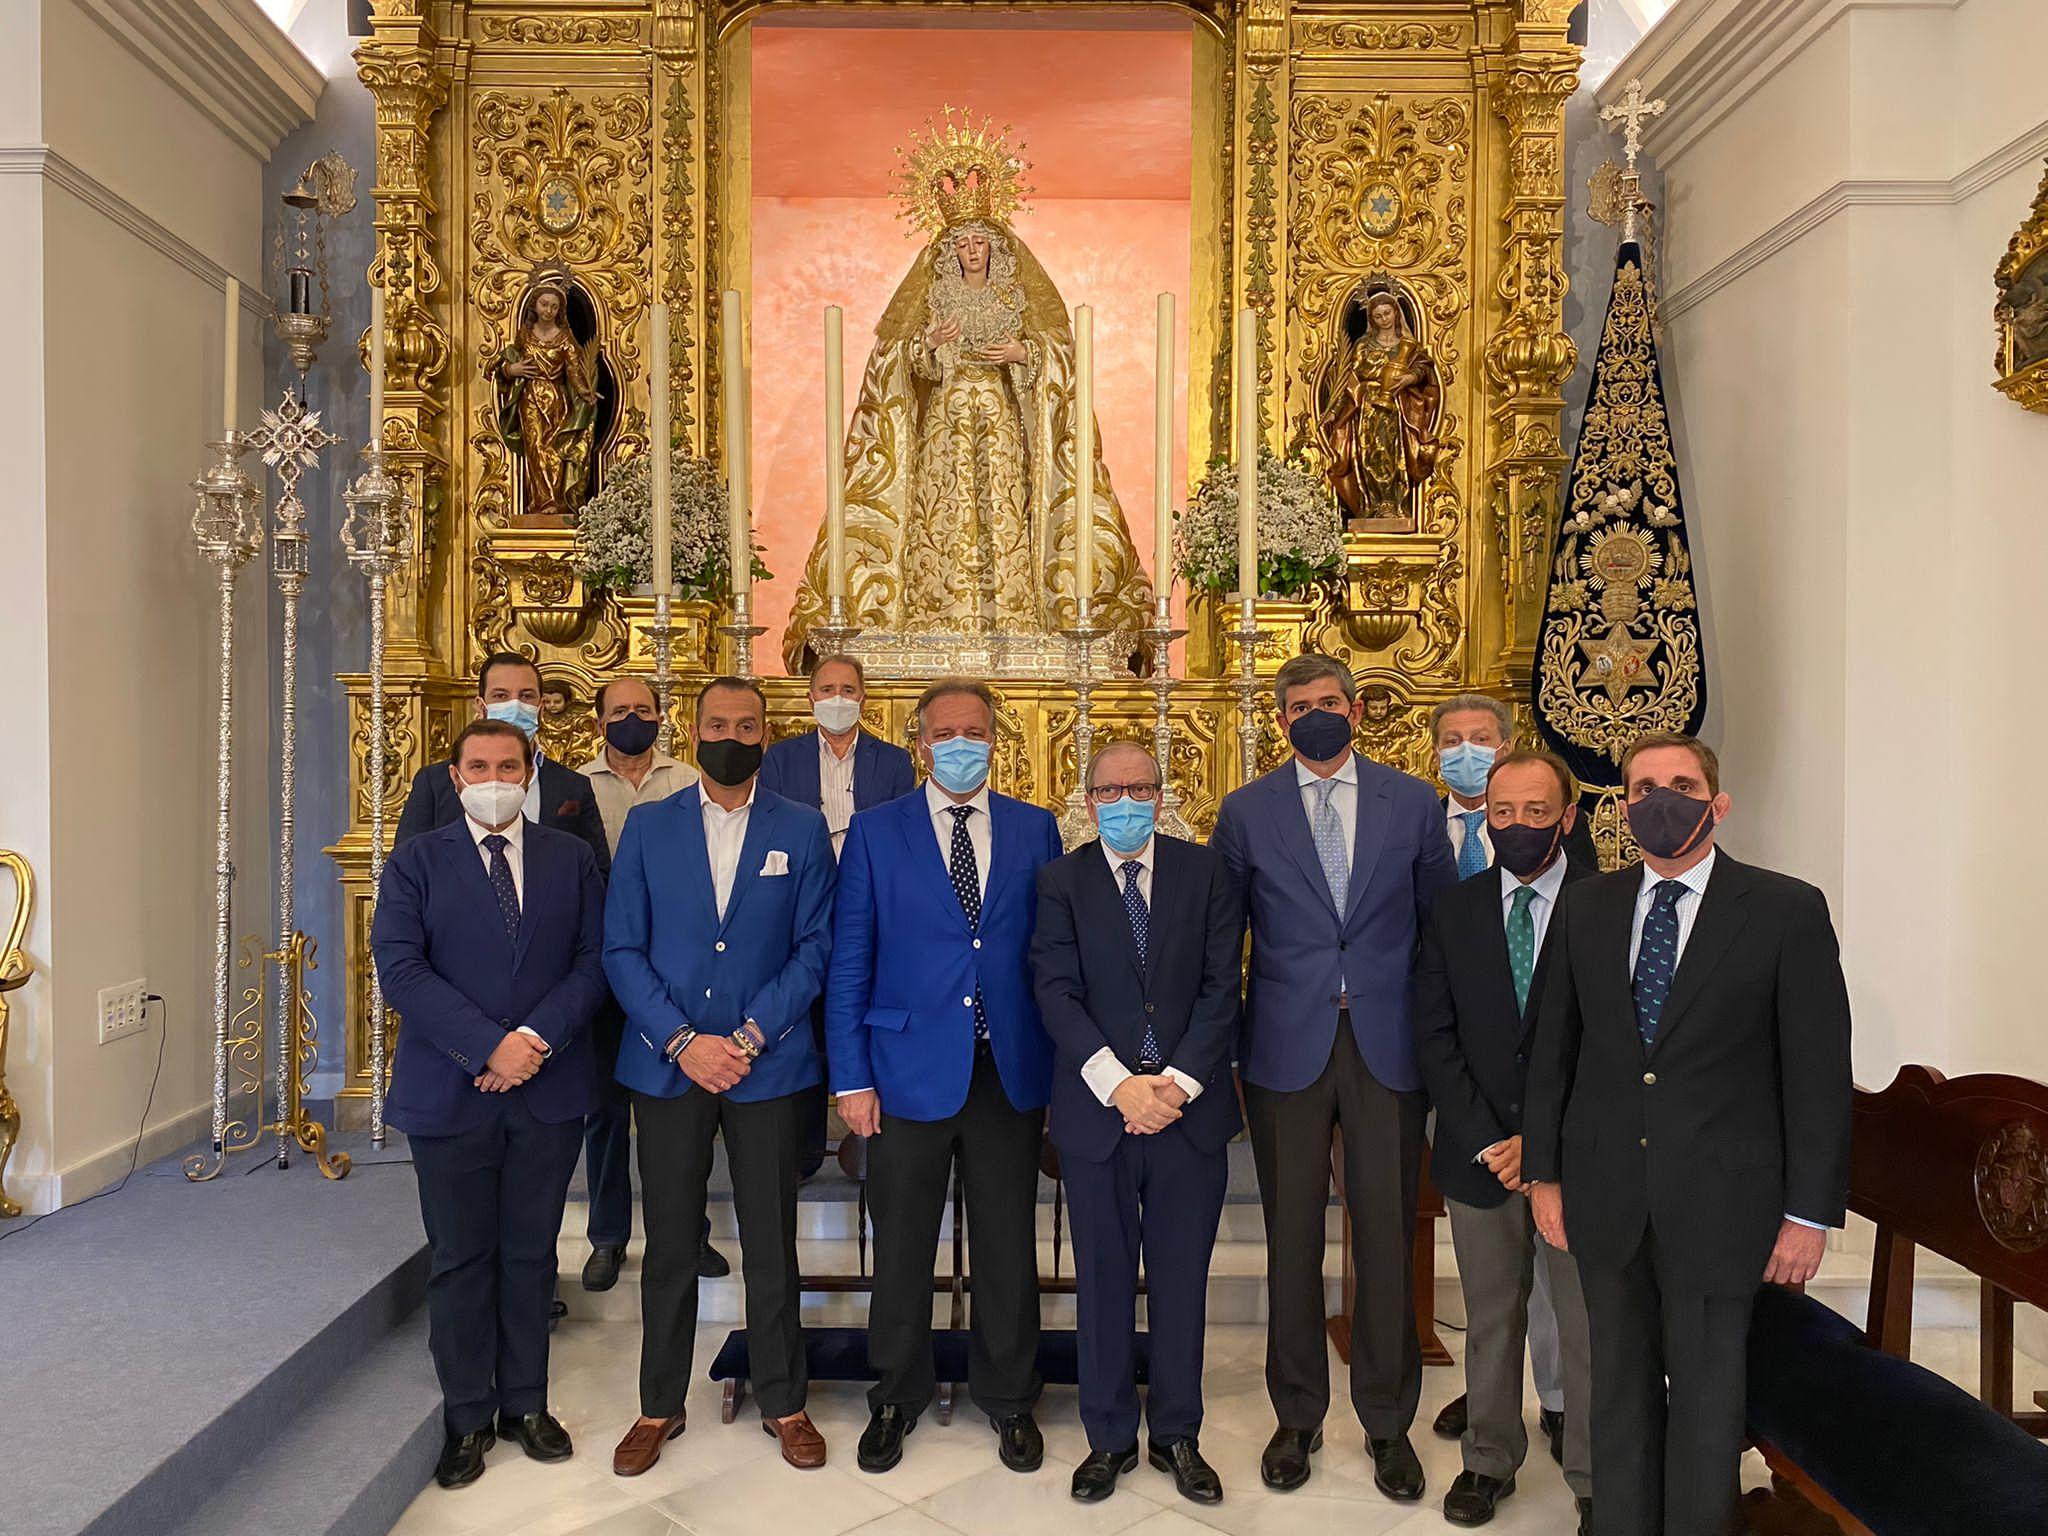 La Estrella de la Ilusión de la Cabalgata del Ateneo de Sevilla se volverá a coronar ante la Virgen de la Estrella